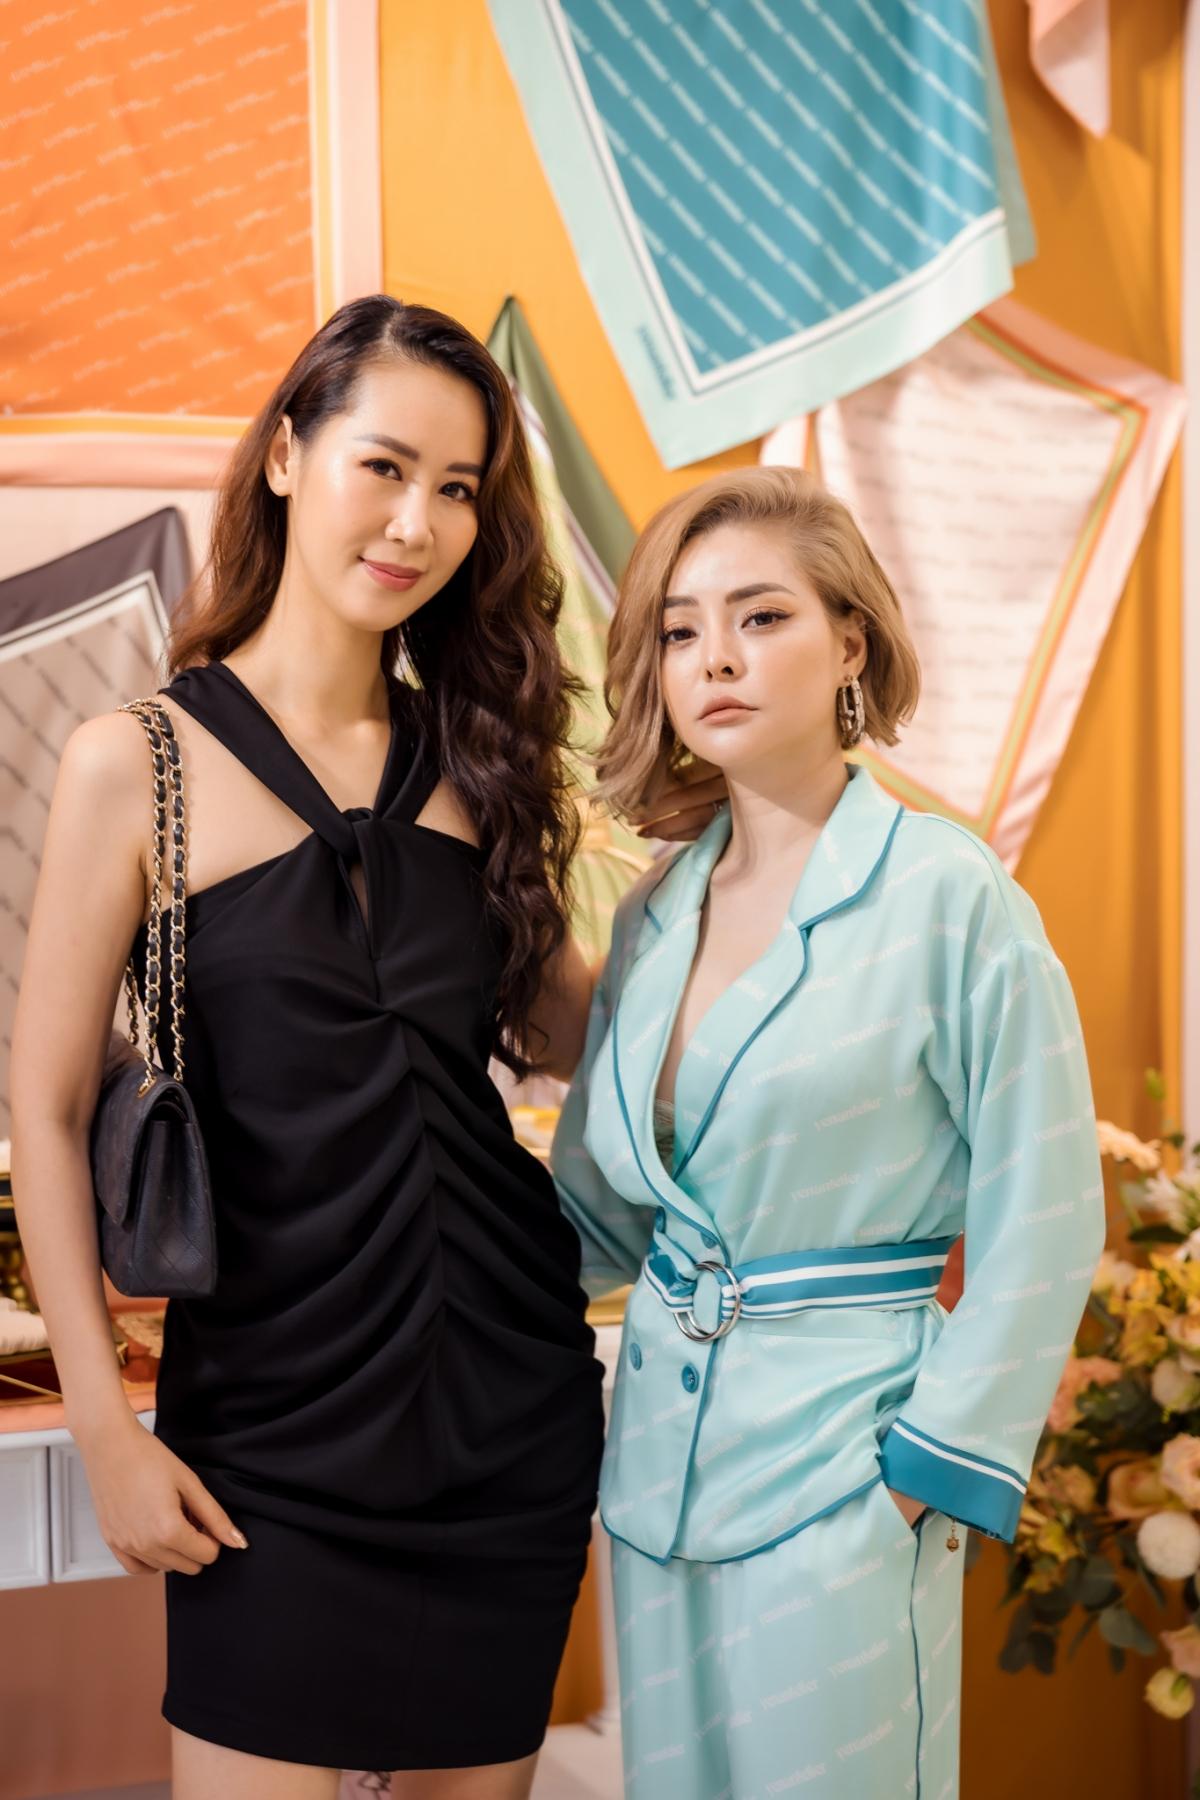 """Cô và NTK Nguyễn Thu Yến khá thân thiết với nhau. Cả hai liên tục trò chuyện và """"đọ sắc"""" chung trong một khung hình."""